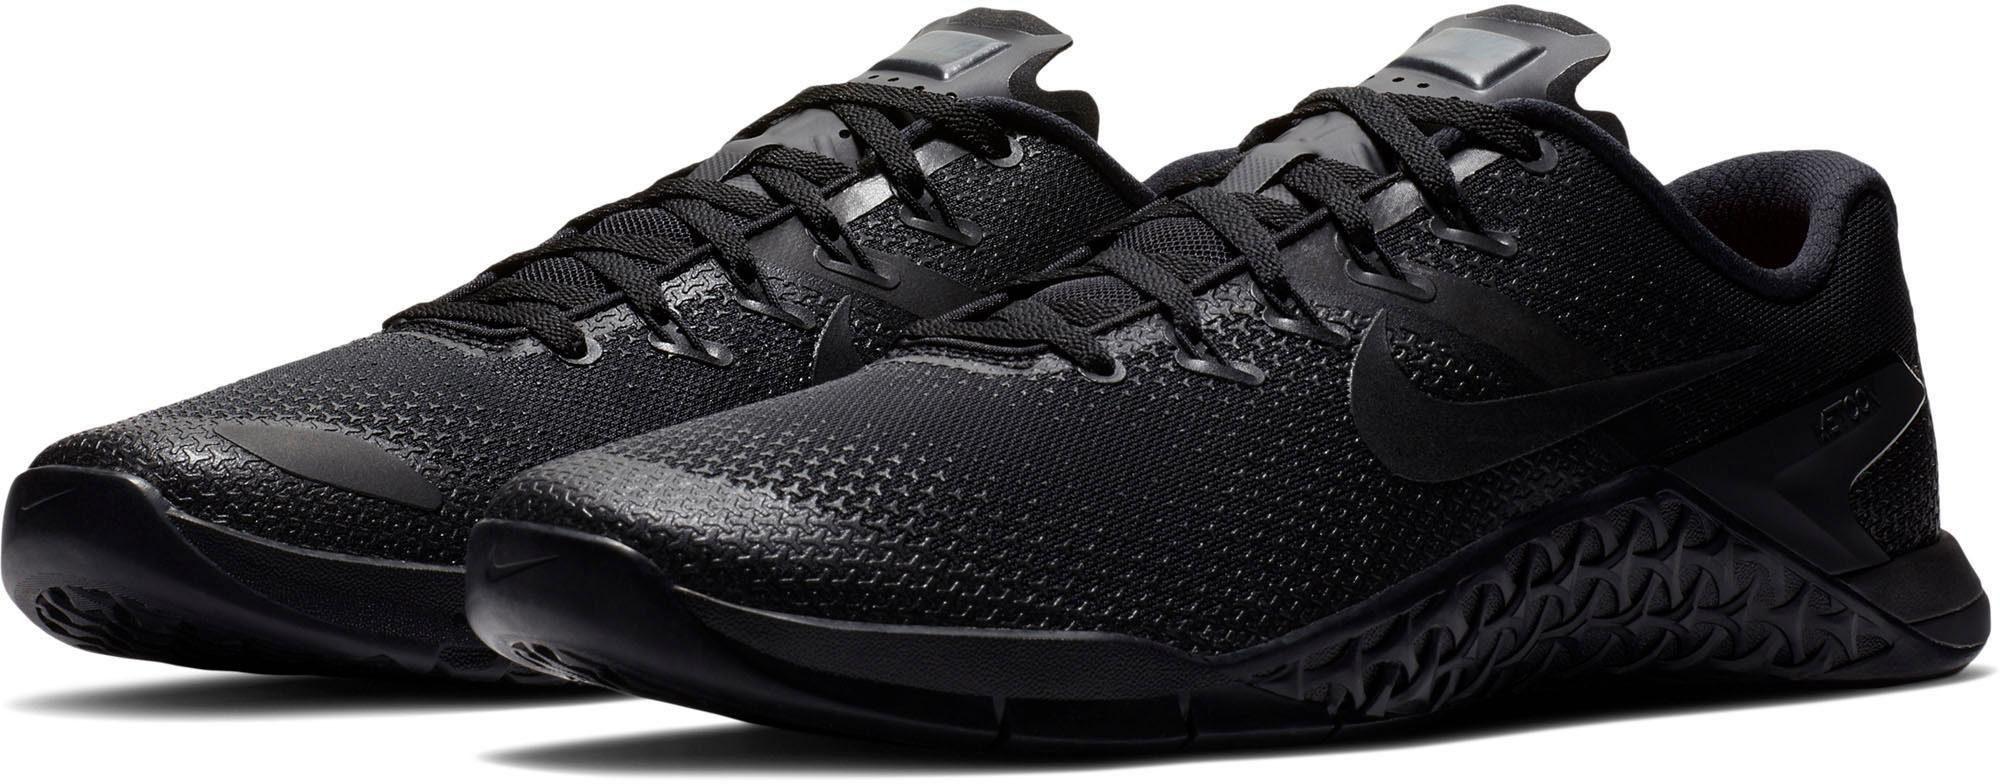 Nike Herren Trainingsschuh Free X Metcon Sneakers: